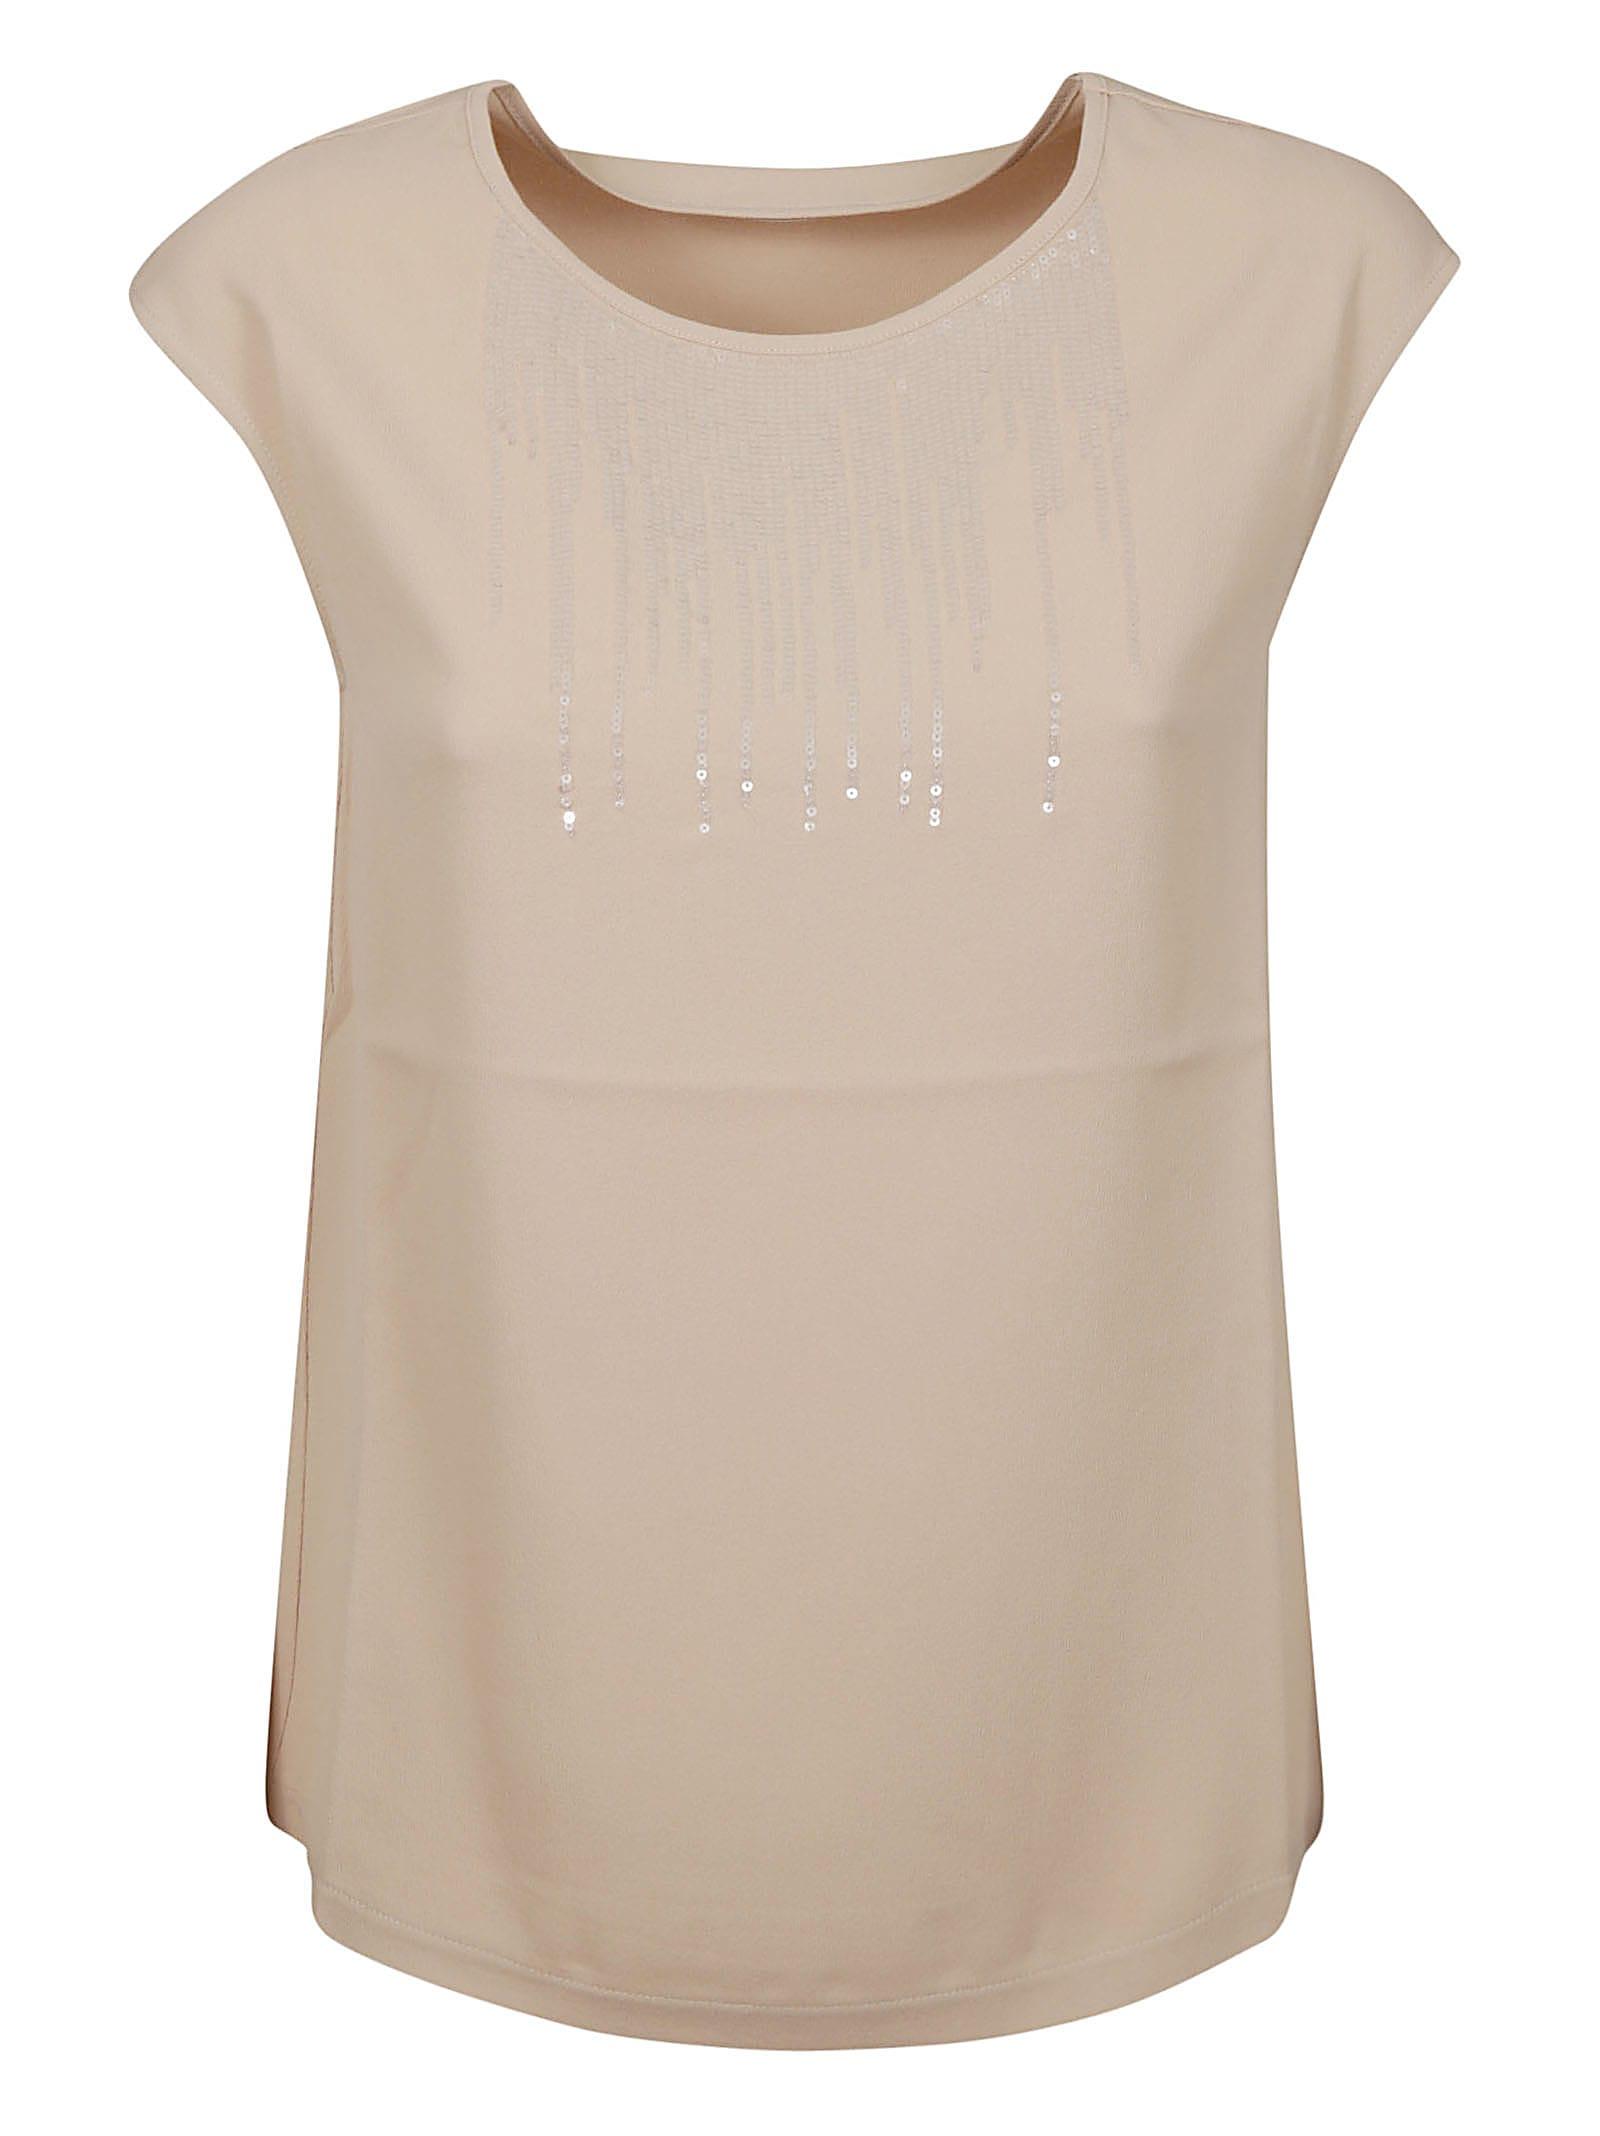 Fabiana Filippi Bead Embellished Sleeveless Top